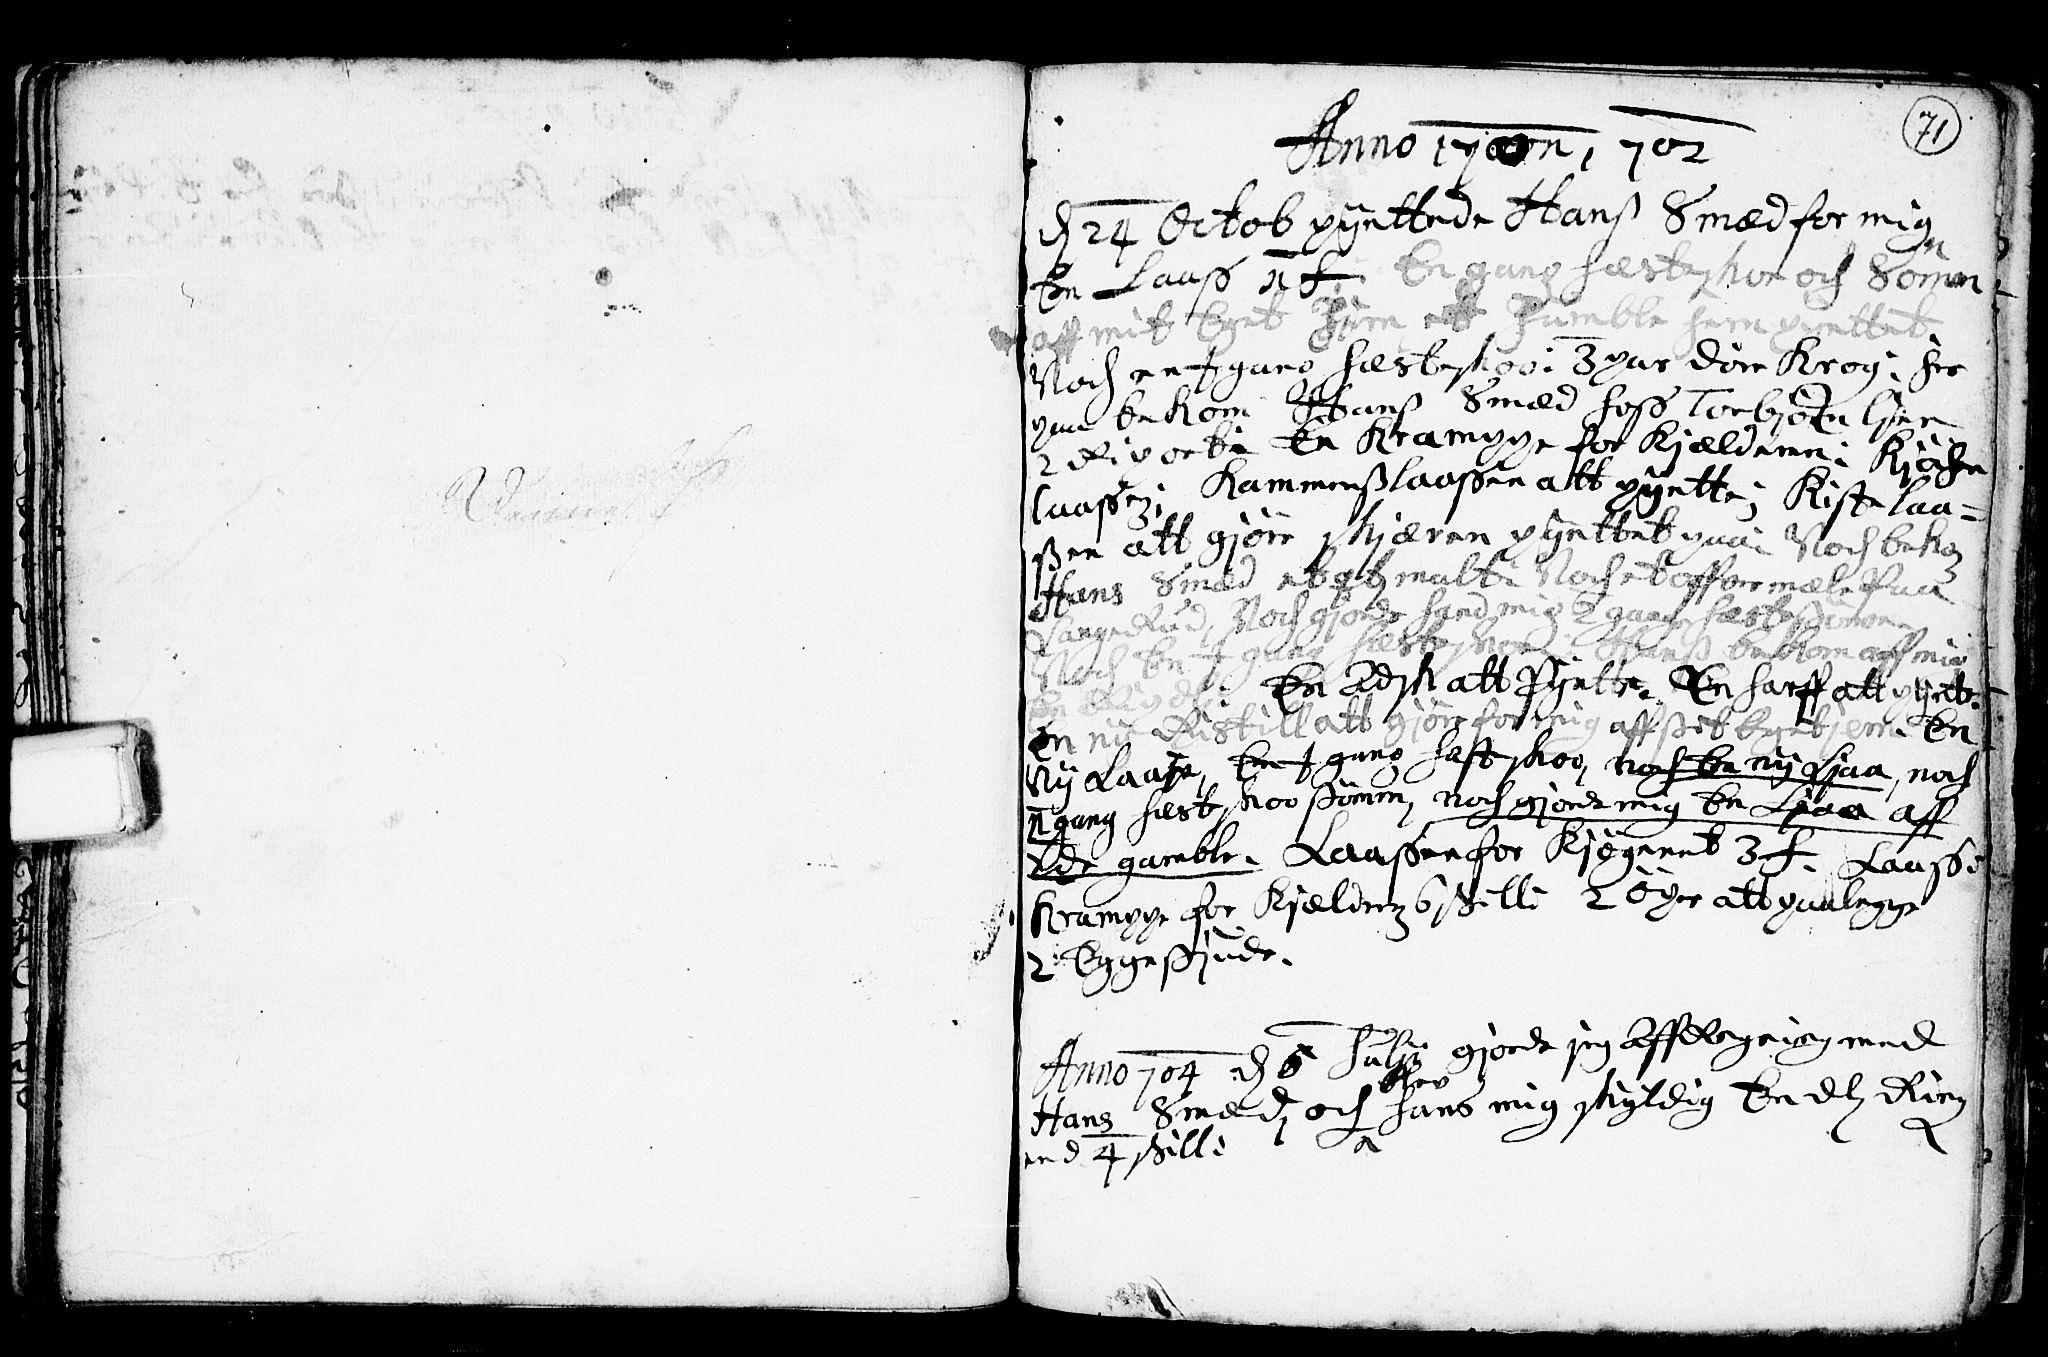 SAKO, Heddal kirkebøker, F/Fa/L0001: Ministerialbok nr. I 1, 1648-1699, s. 71